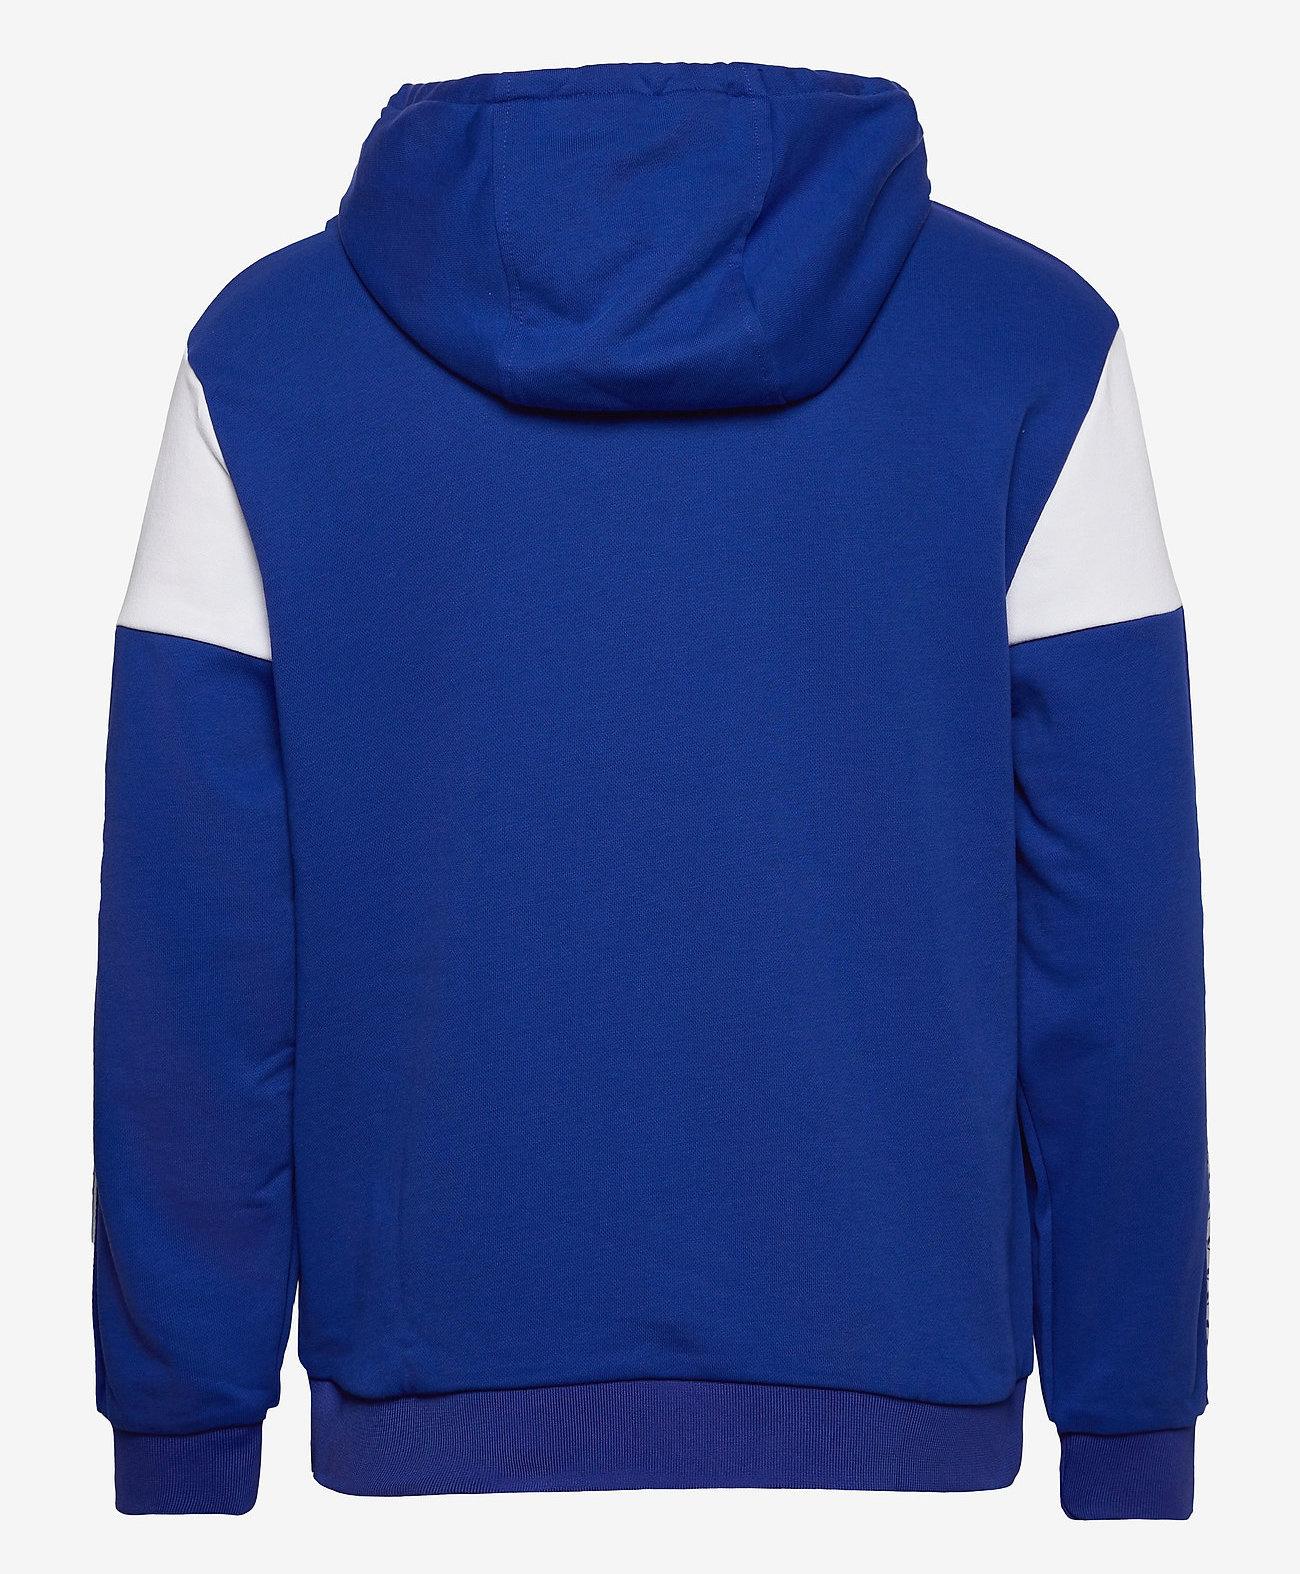 Armani Exchange Heren Sweatvest, blauw